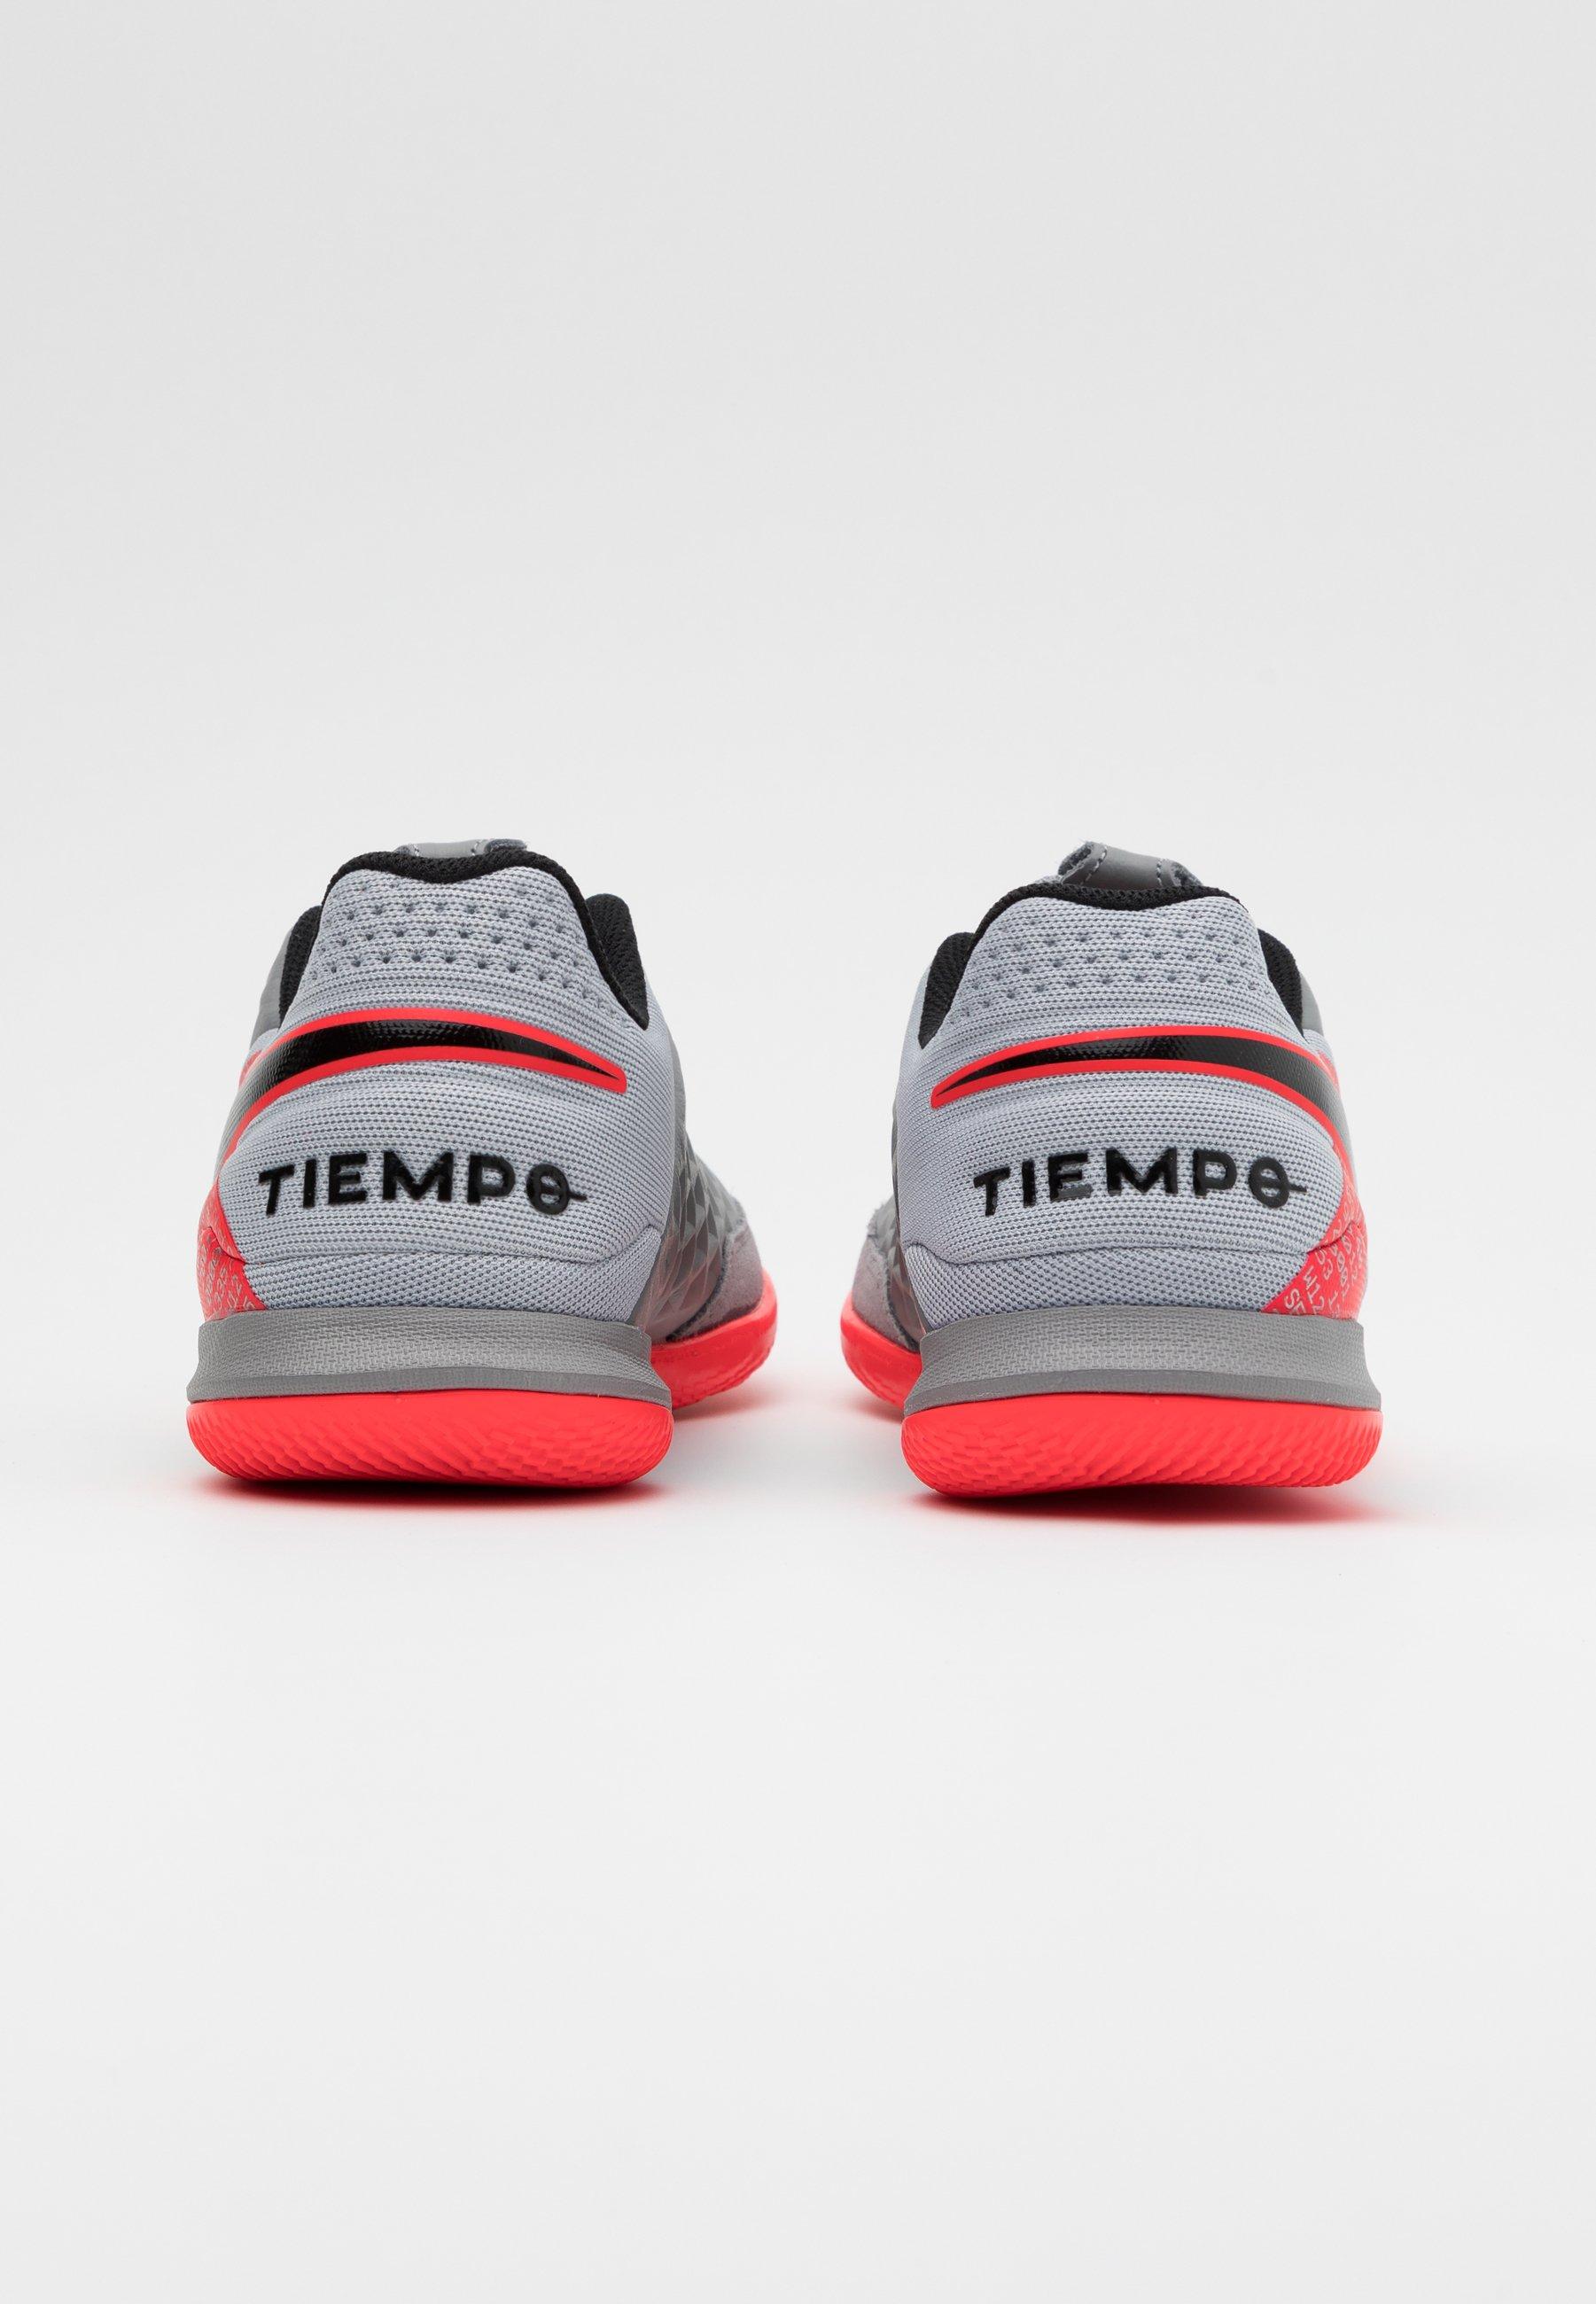 TIEMPO LEGEND 8 ACADEMY IC Chaussures de foot en salle metallic bomber greyblackparticle grey